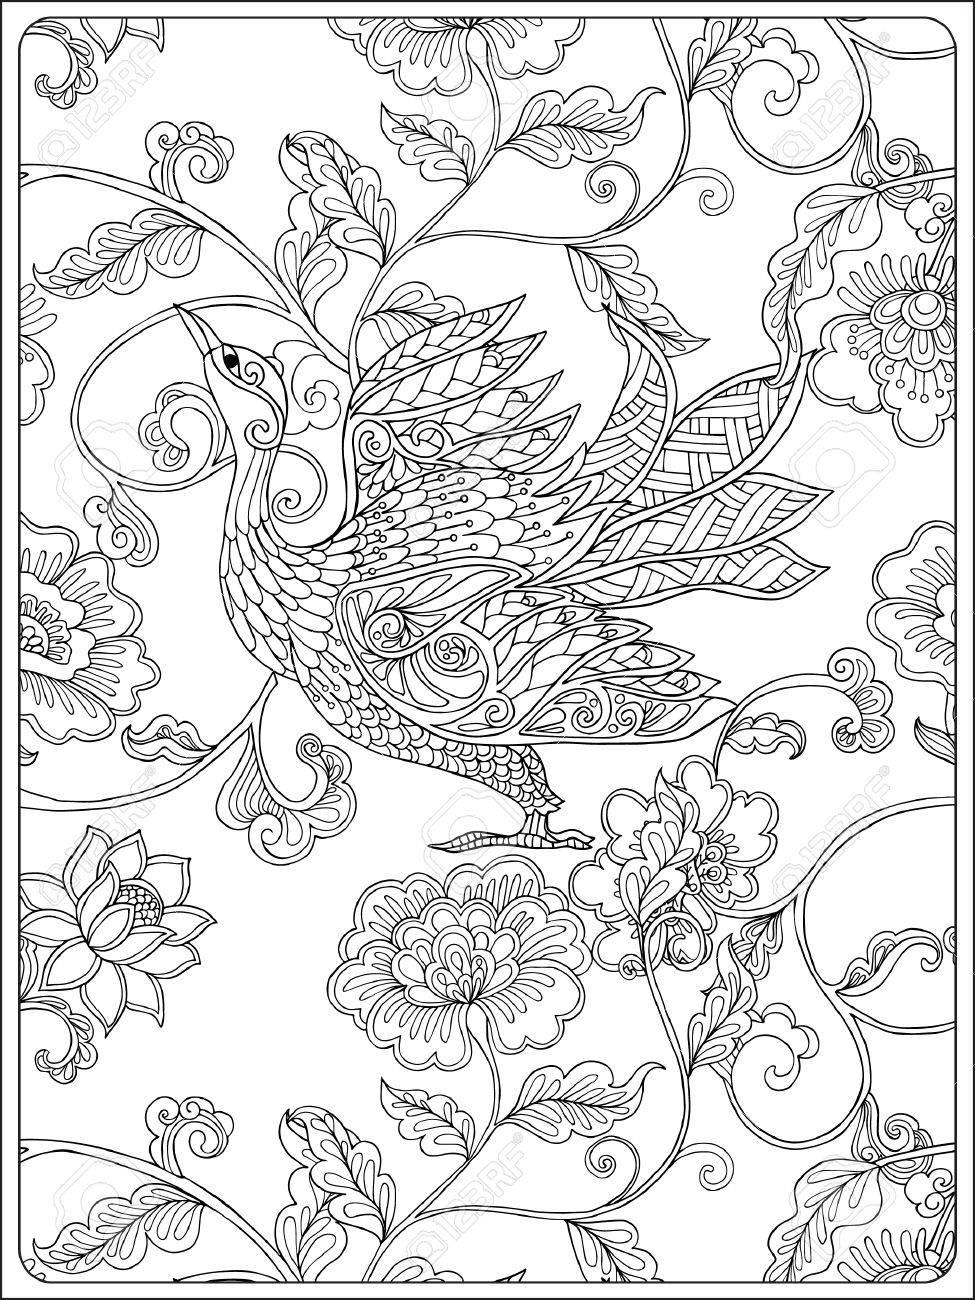 Coloriage Adulte Vintage.Motif Floral Vintage Dessin Au Trait Livre De Coloriage Pour Les